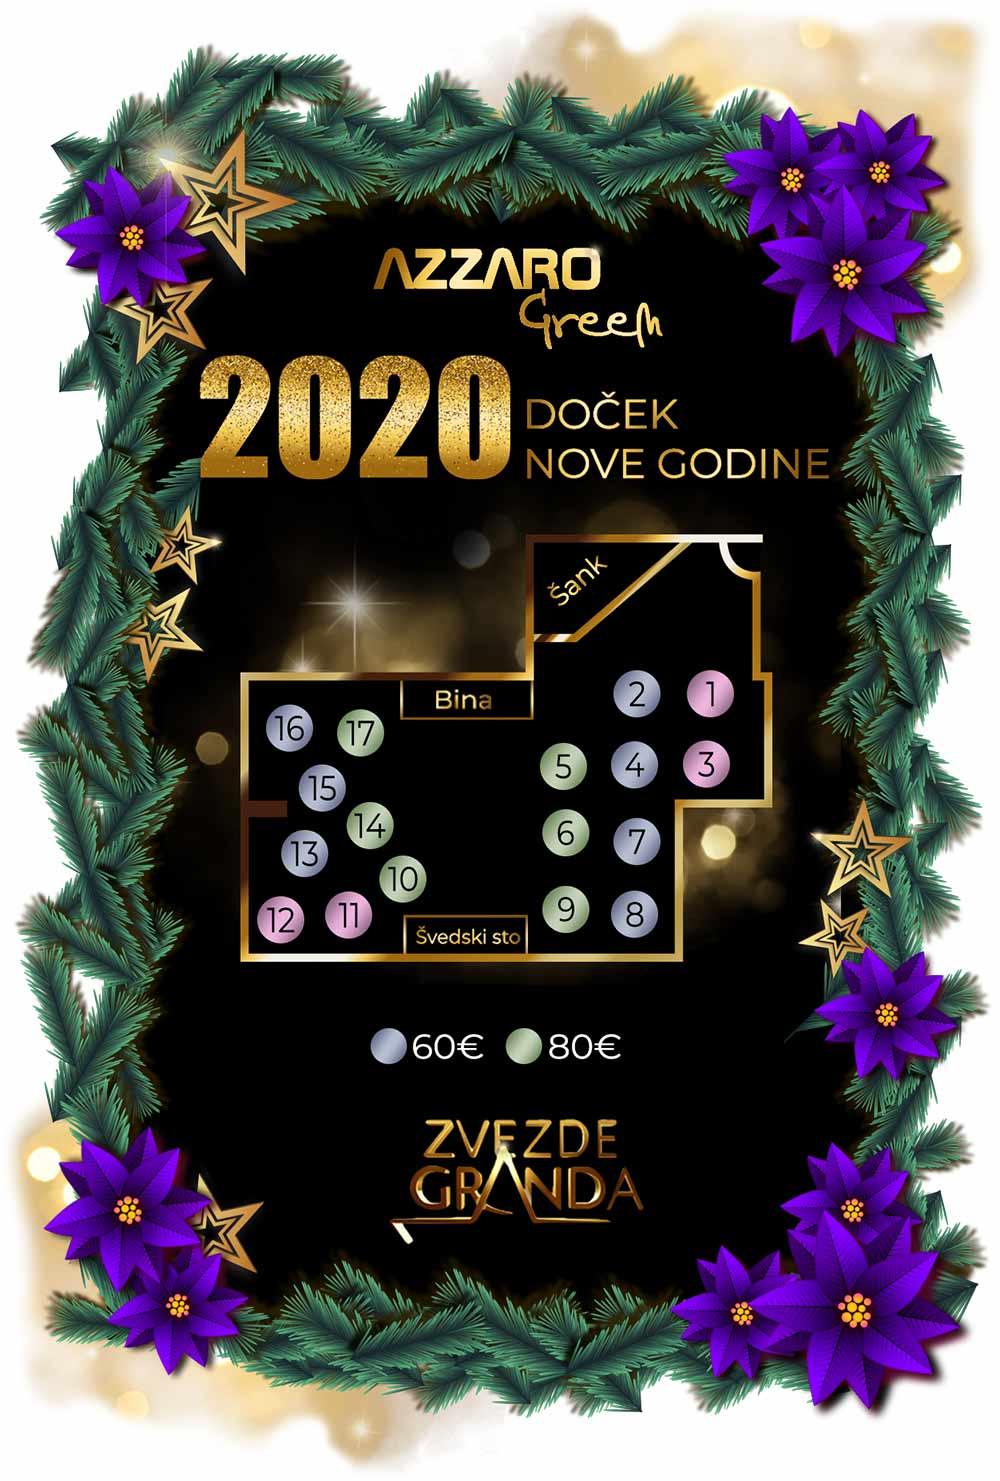 jezero azzaro green sala nova godina mapa sedenja